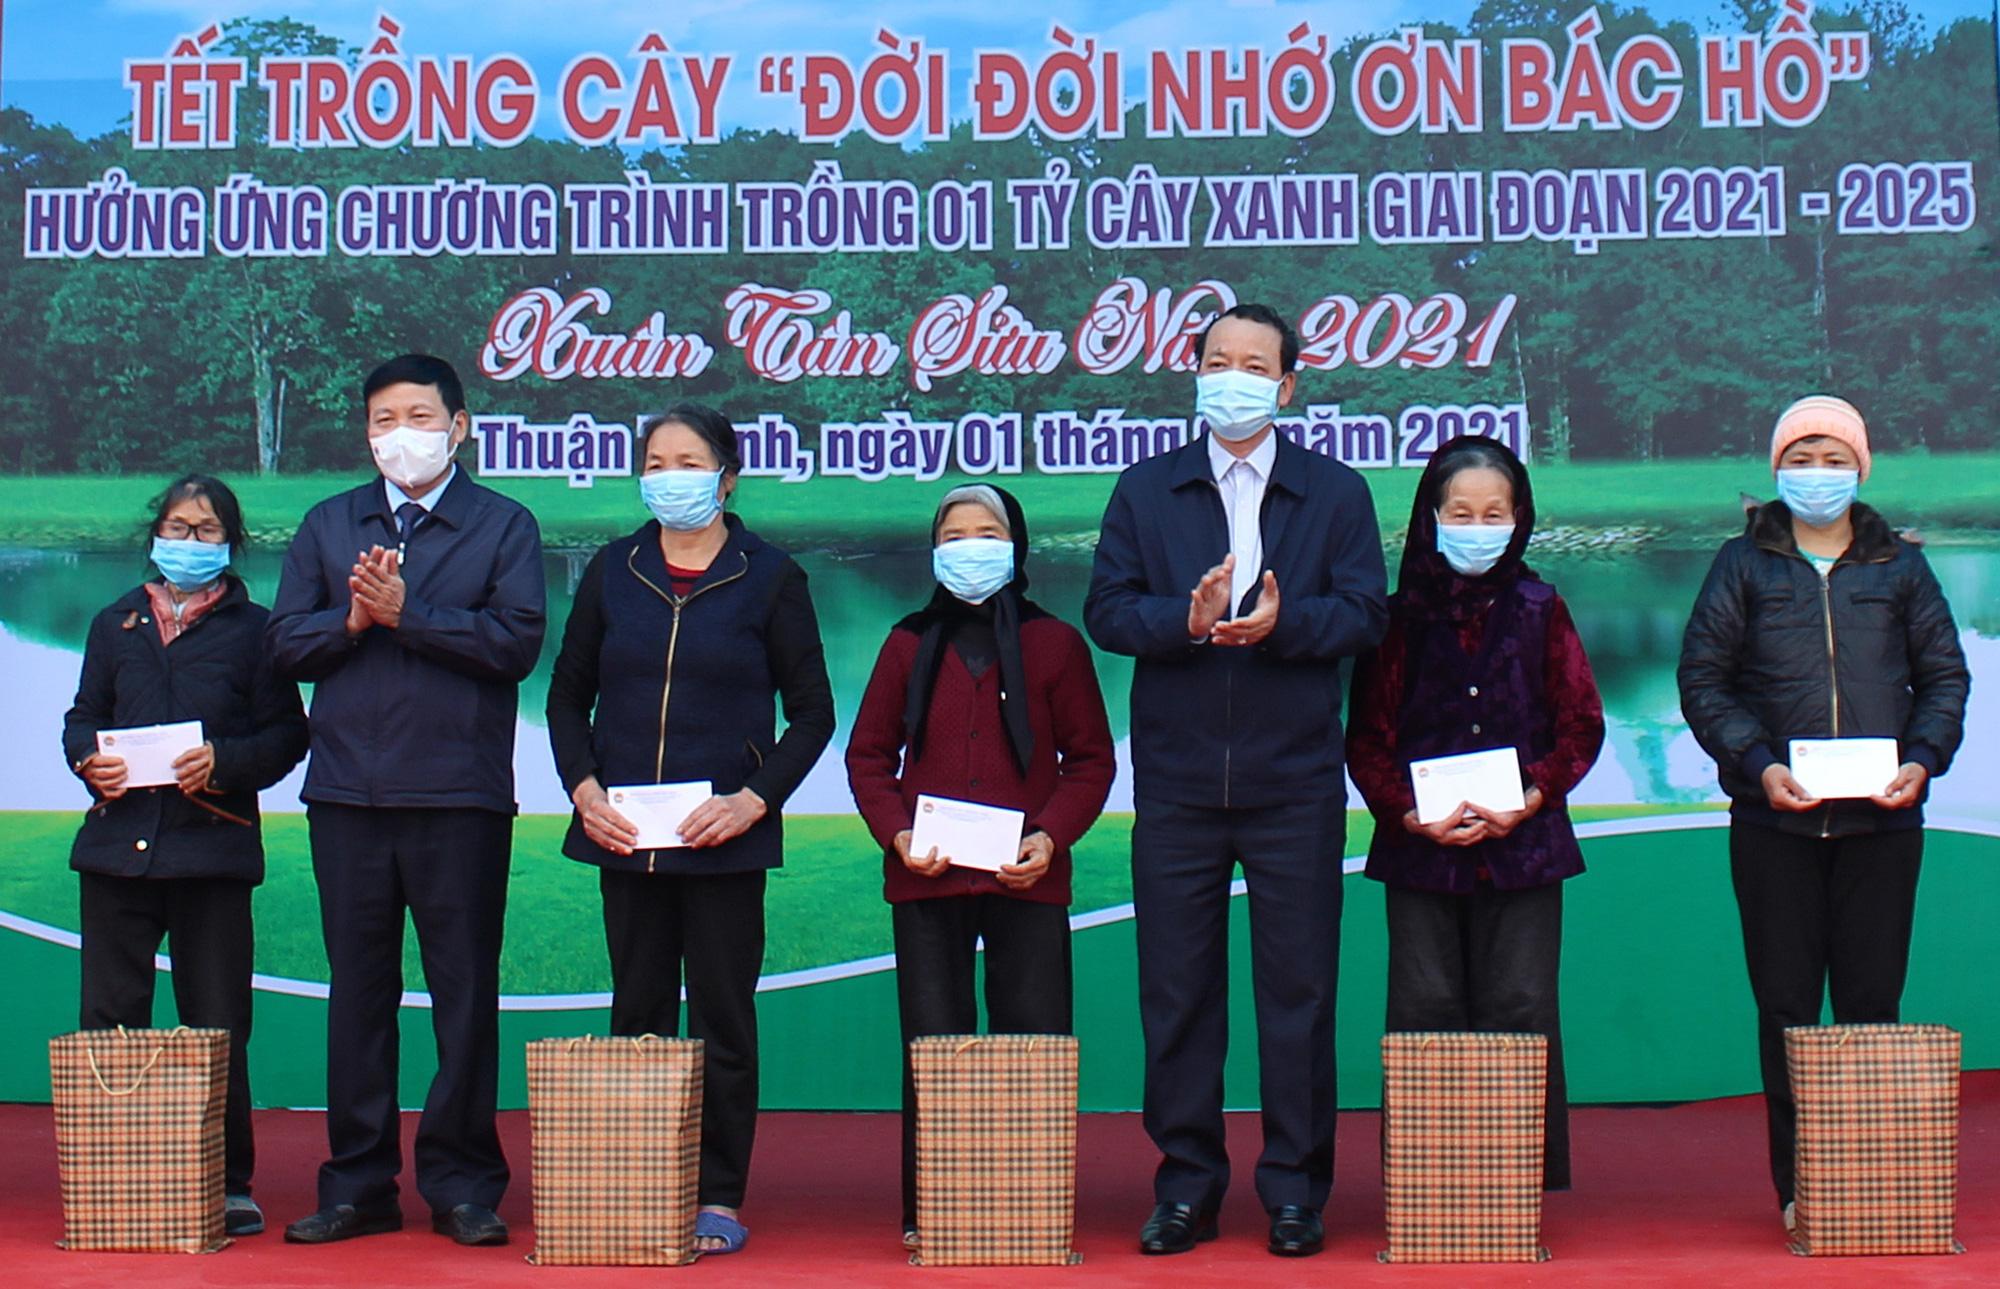 Hội Nông dân tỉnh Bắc Ninh trồng 50.000 cây xanh - Ảnh 2.